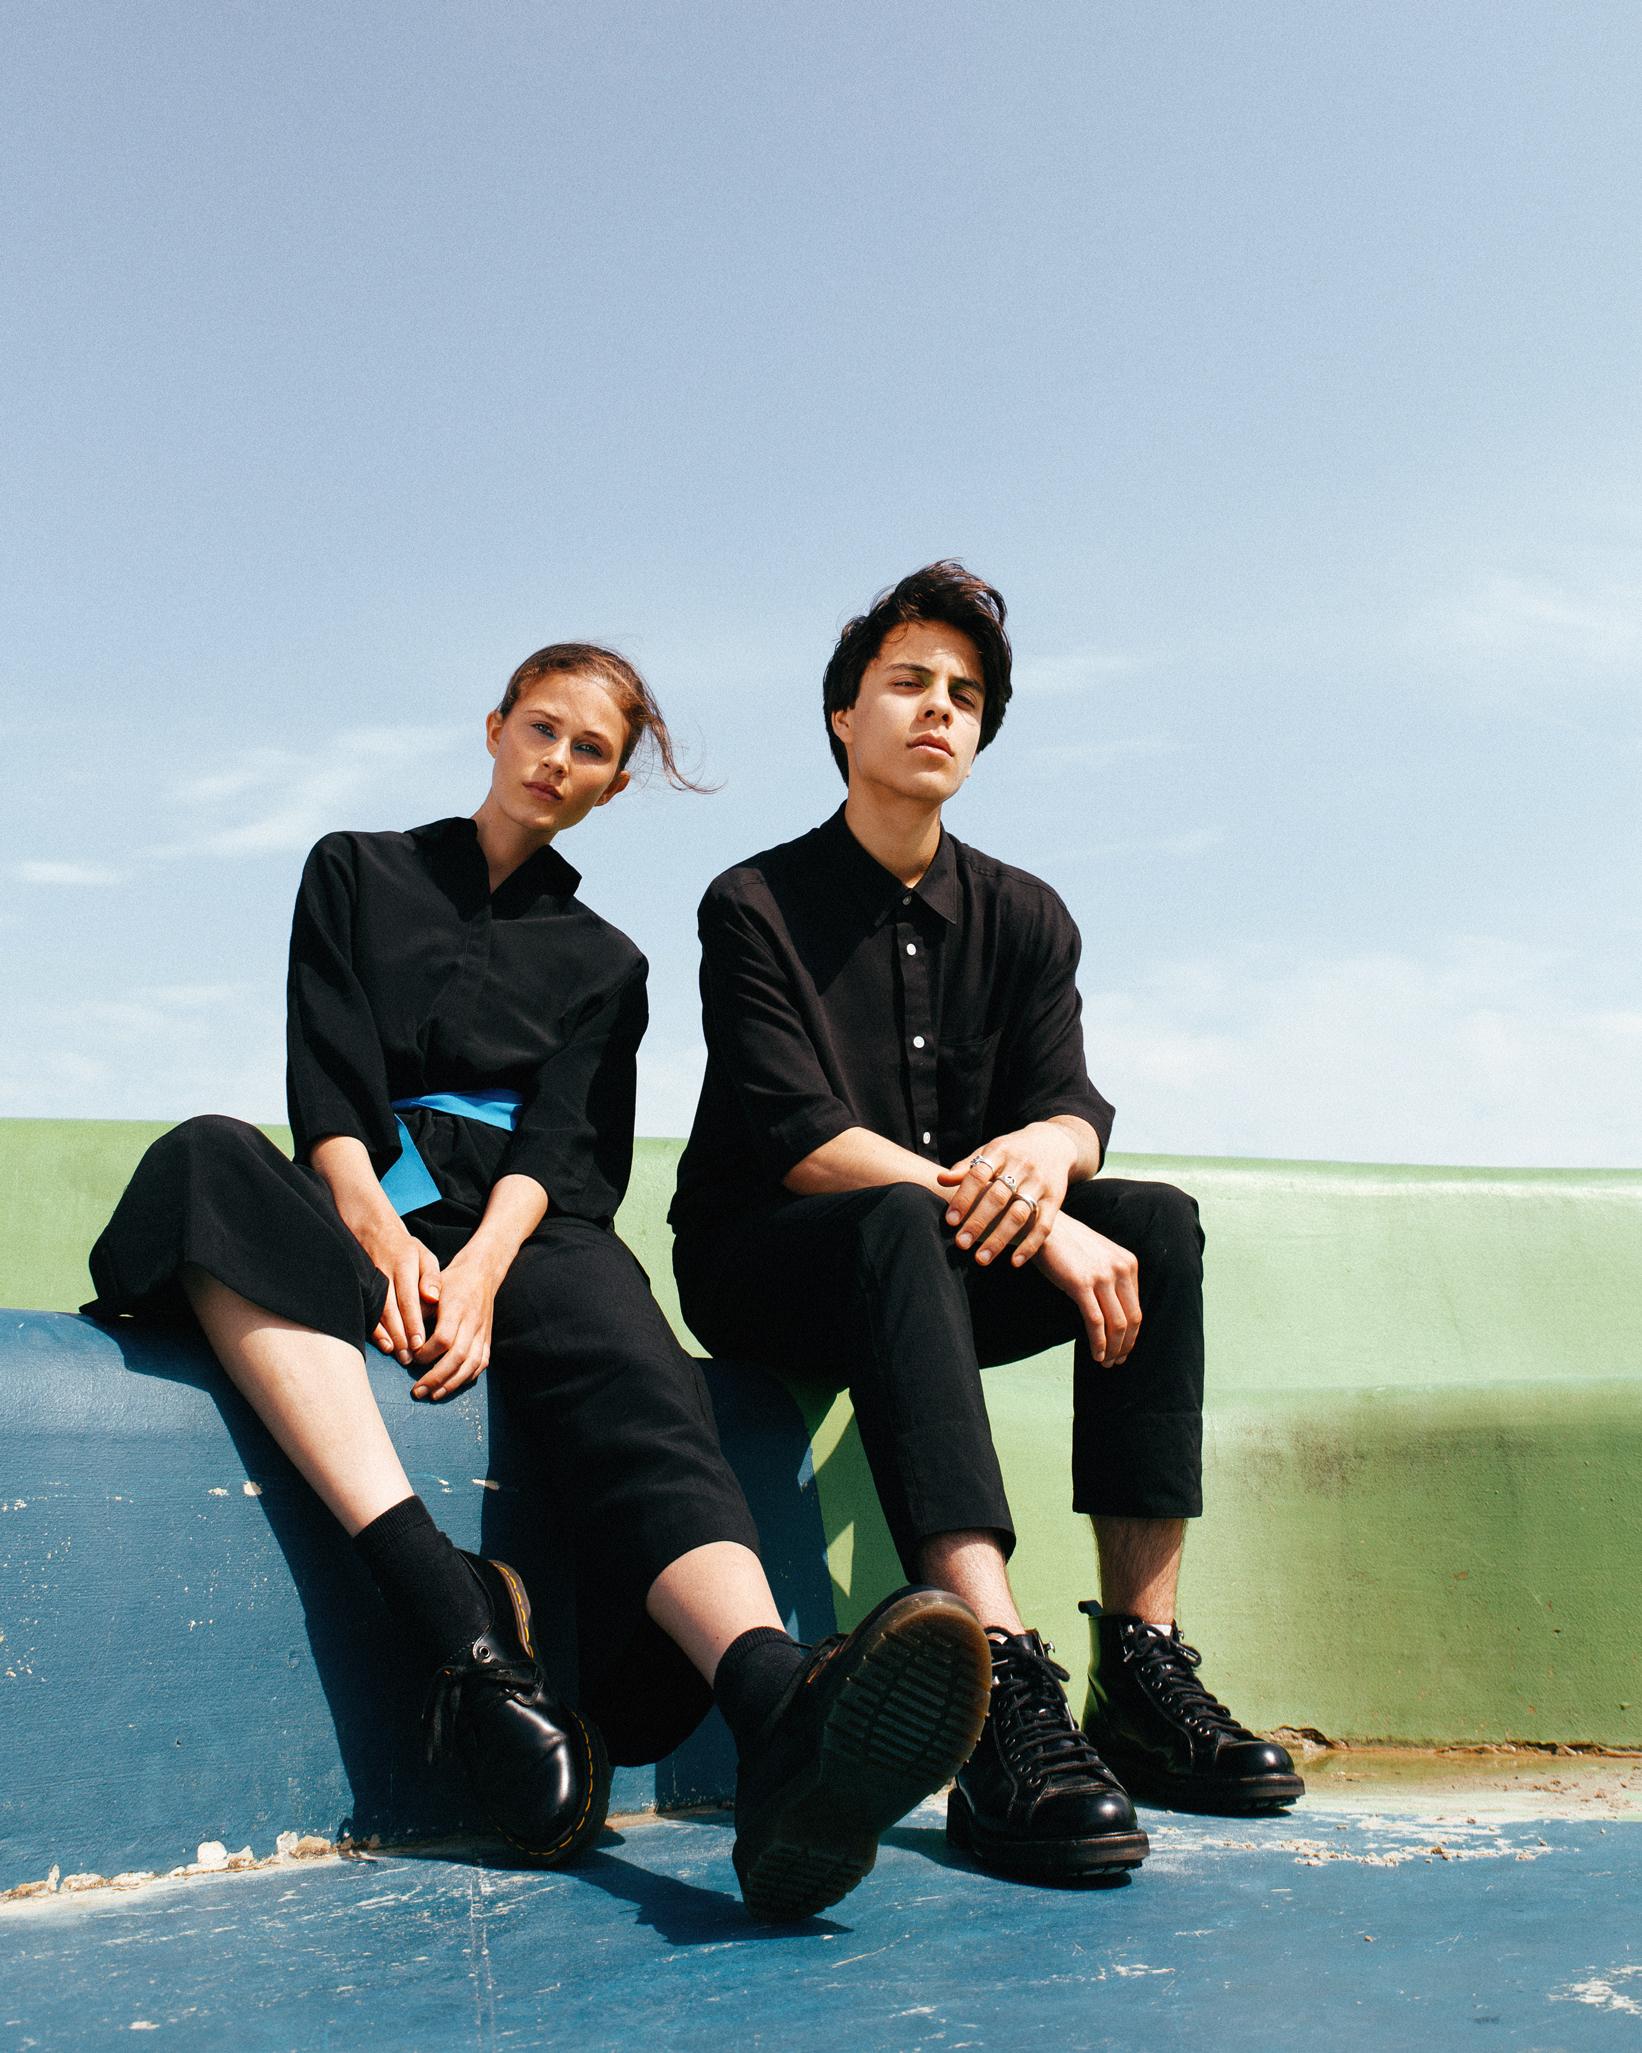 Lonneke & Thom